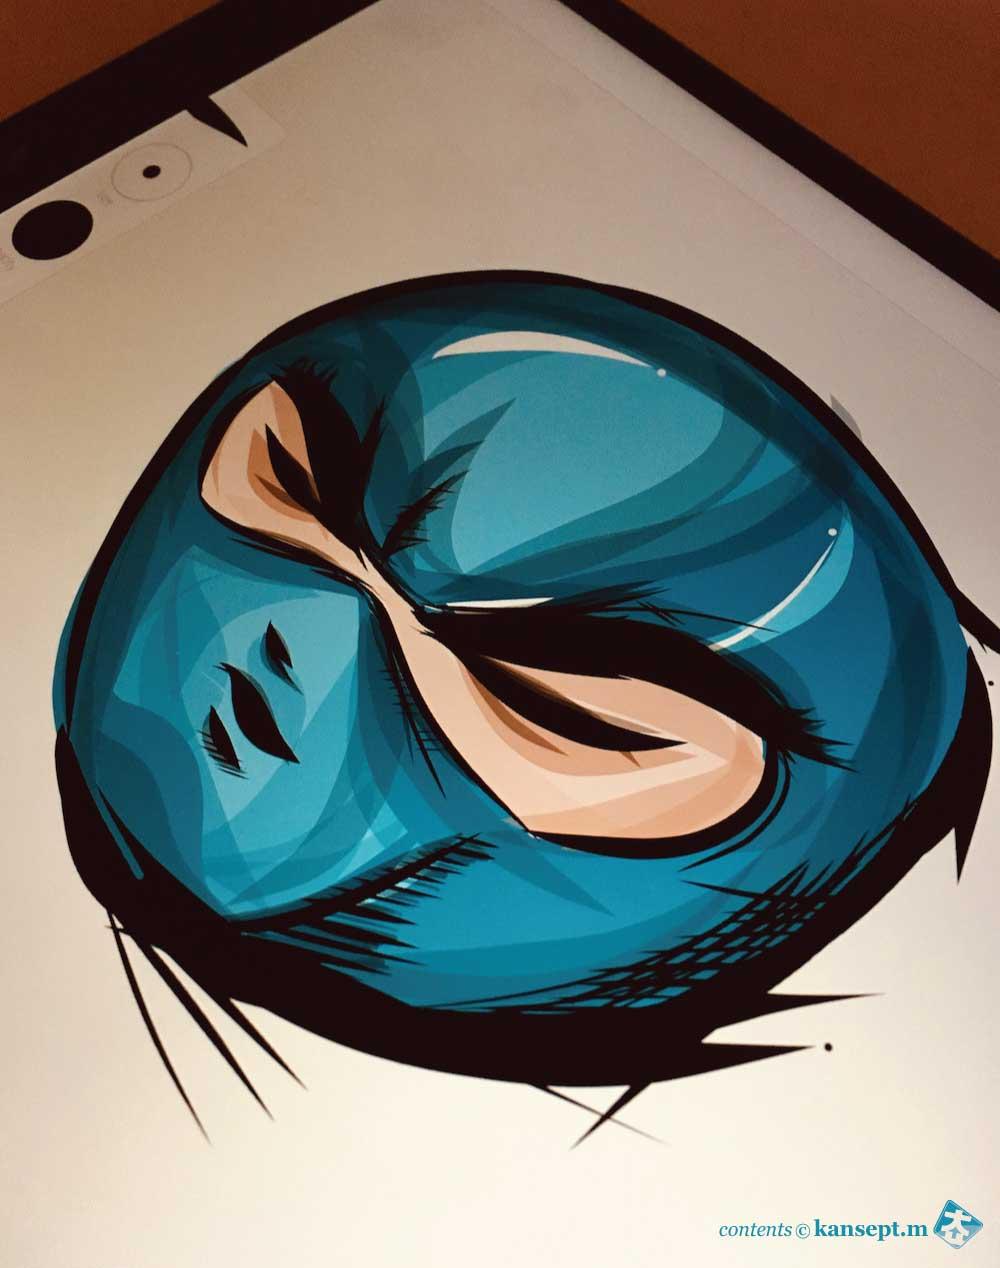 Adobe Illustration